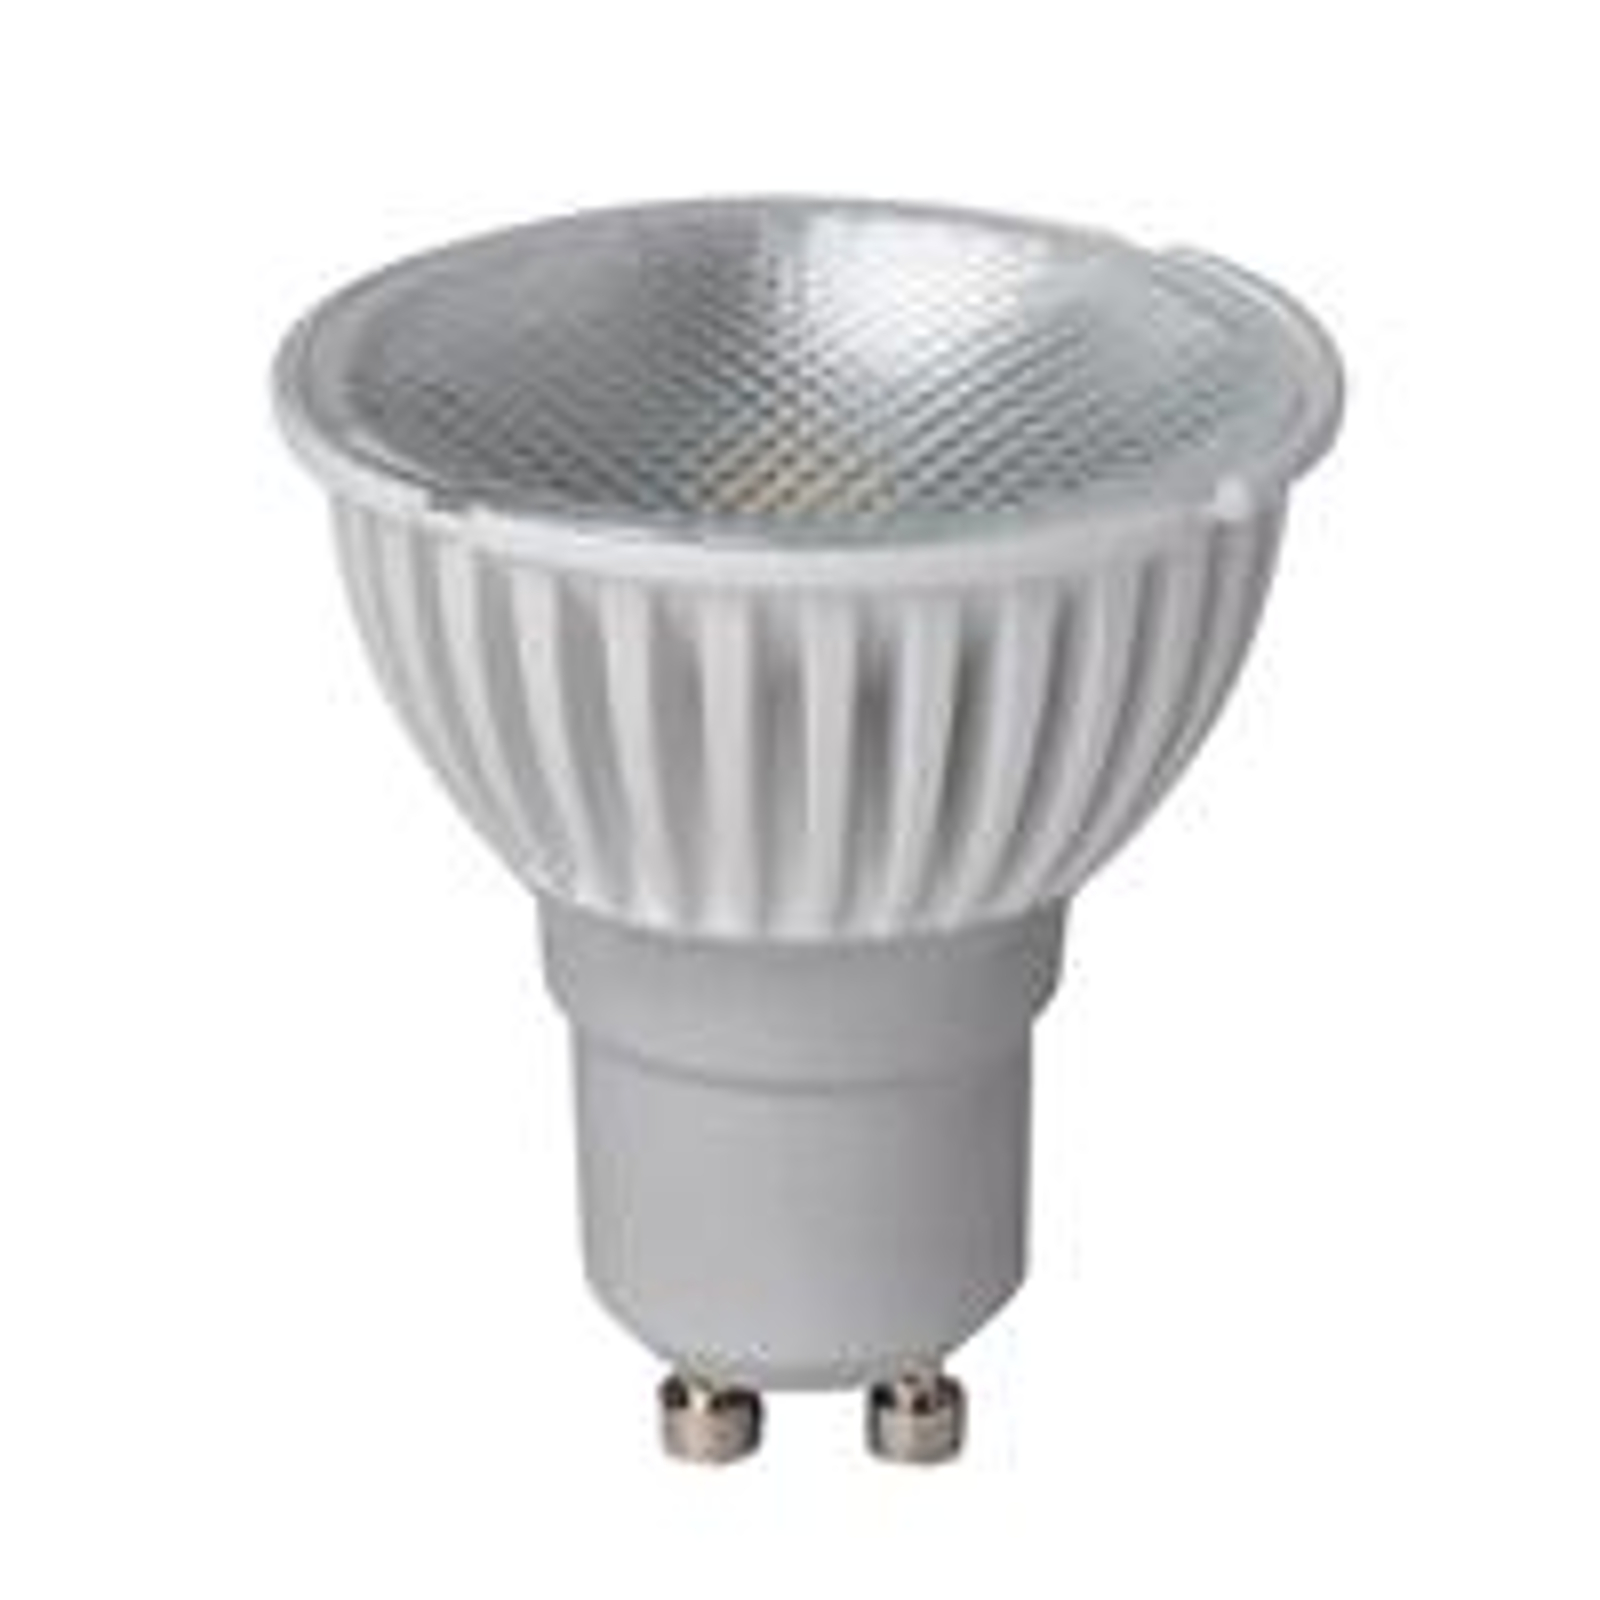 GU10 5,5W PAR16 828 LED-Reflektorlampe 35°